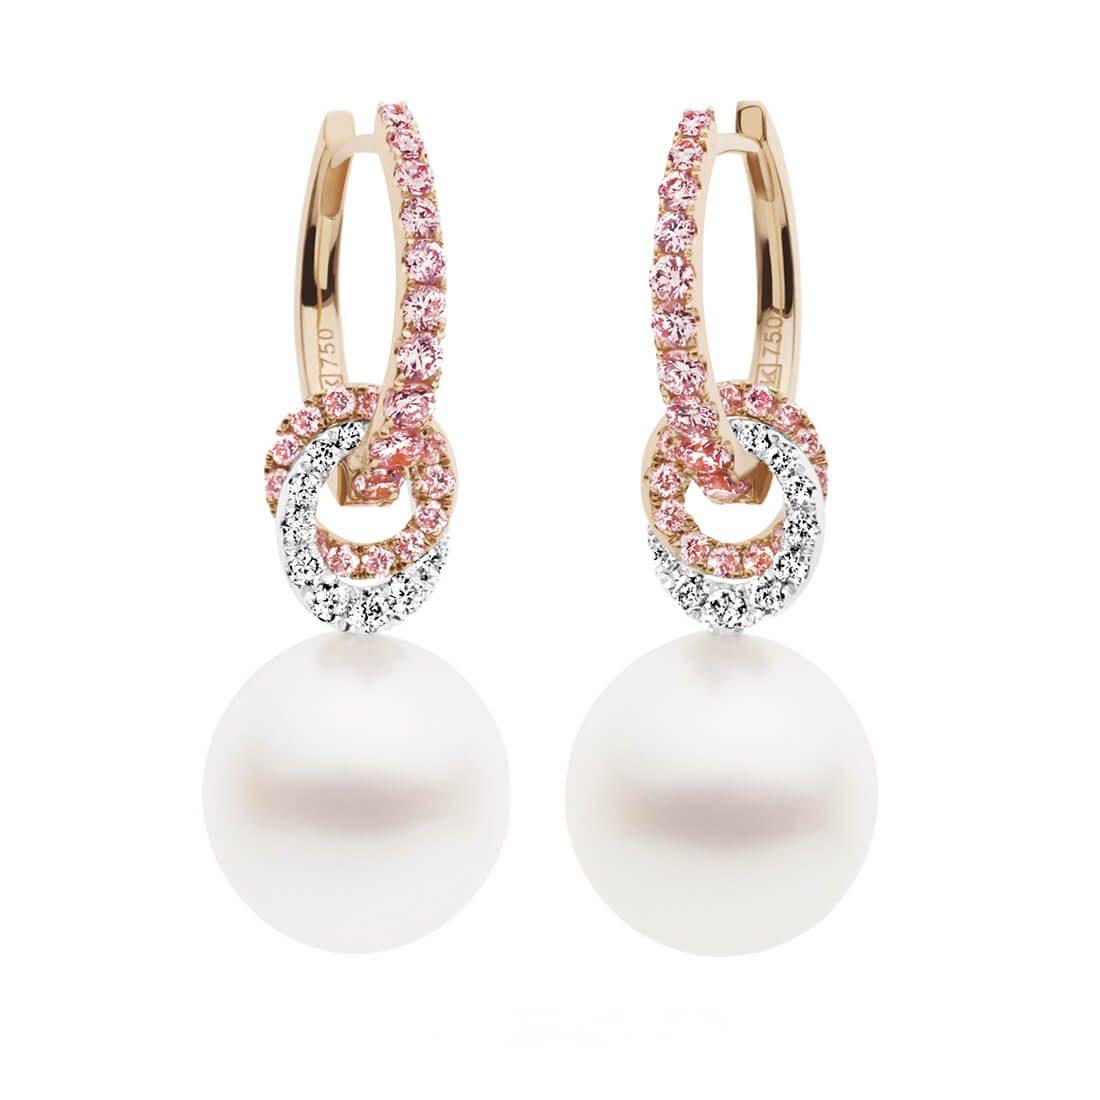 Angelic Huggies and Pearl Drop Earrings, Rosé